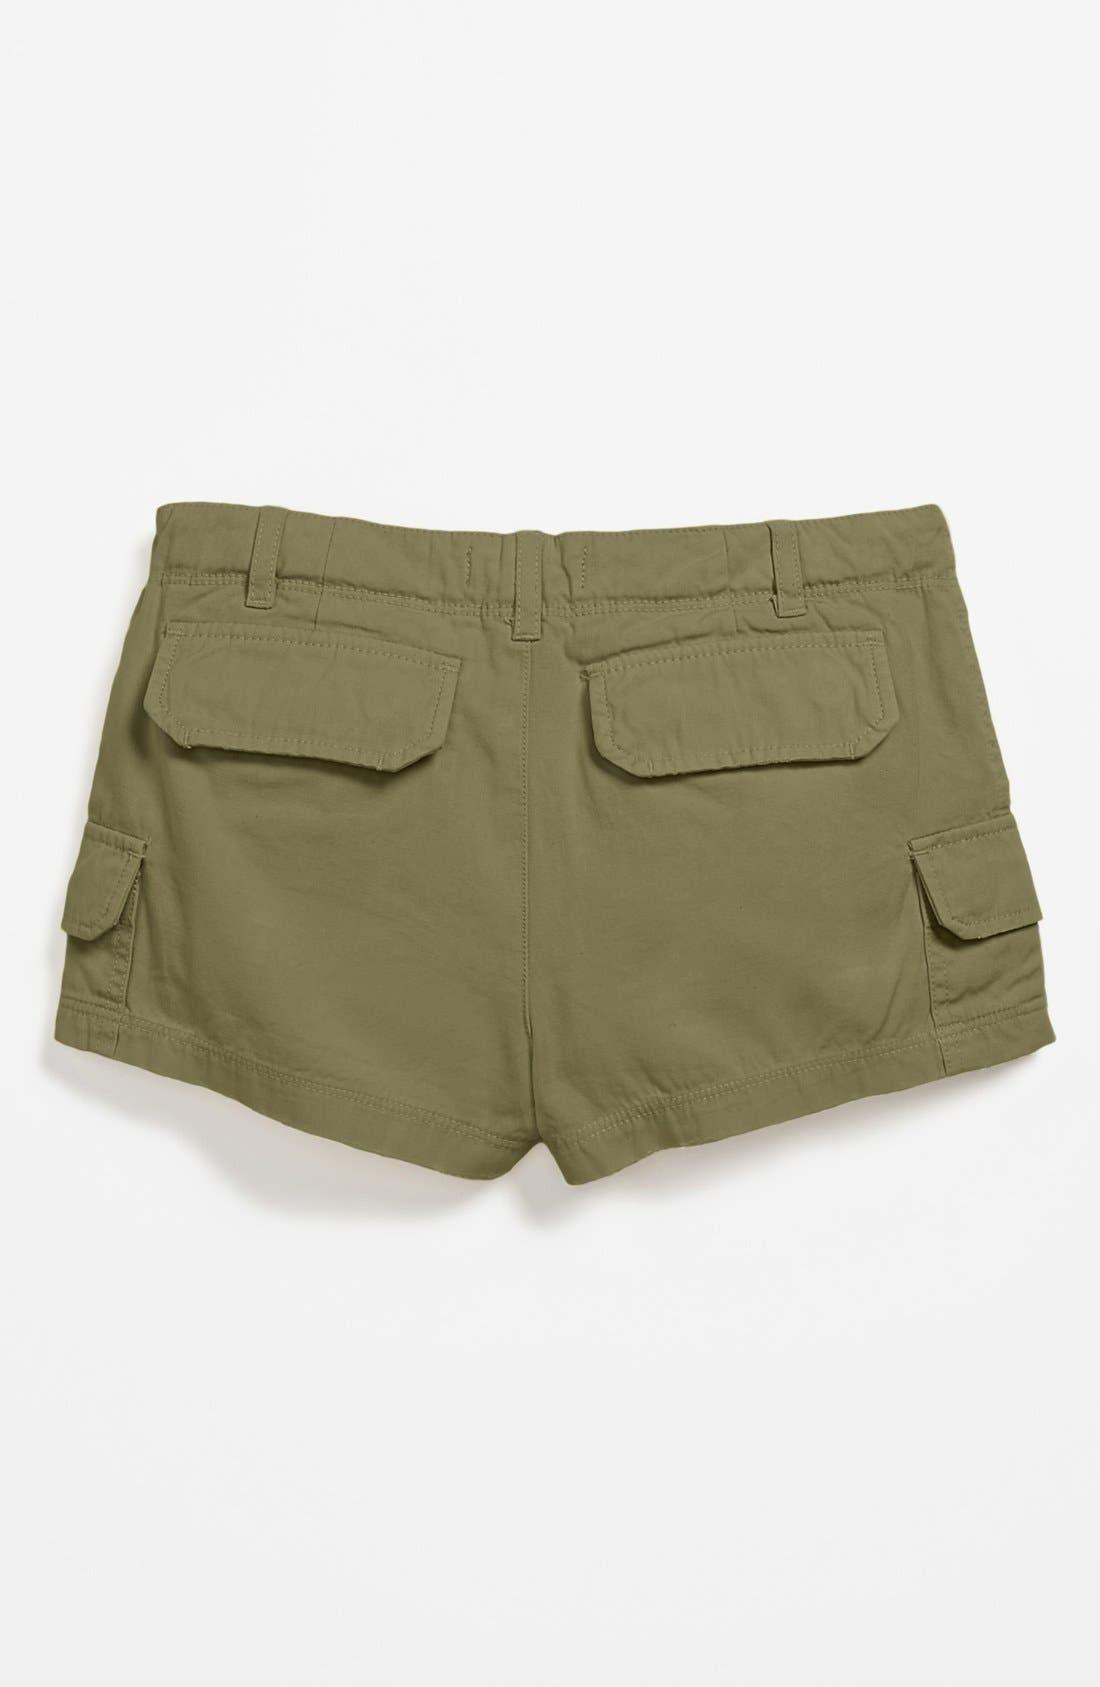 Alternate Image 1 Selected - Peek 'Stella' Cargo Shorts (Big Girls)